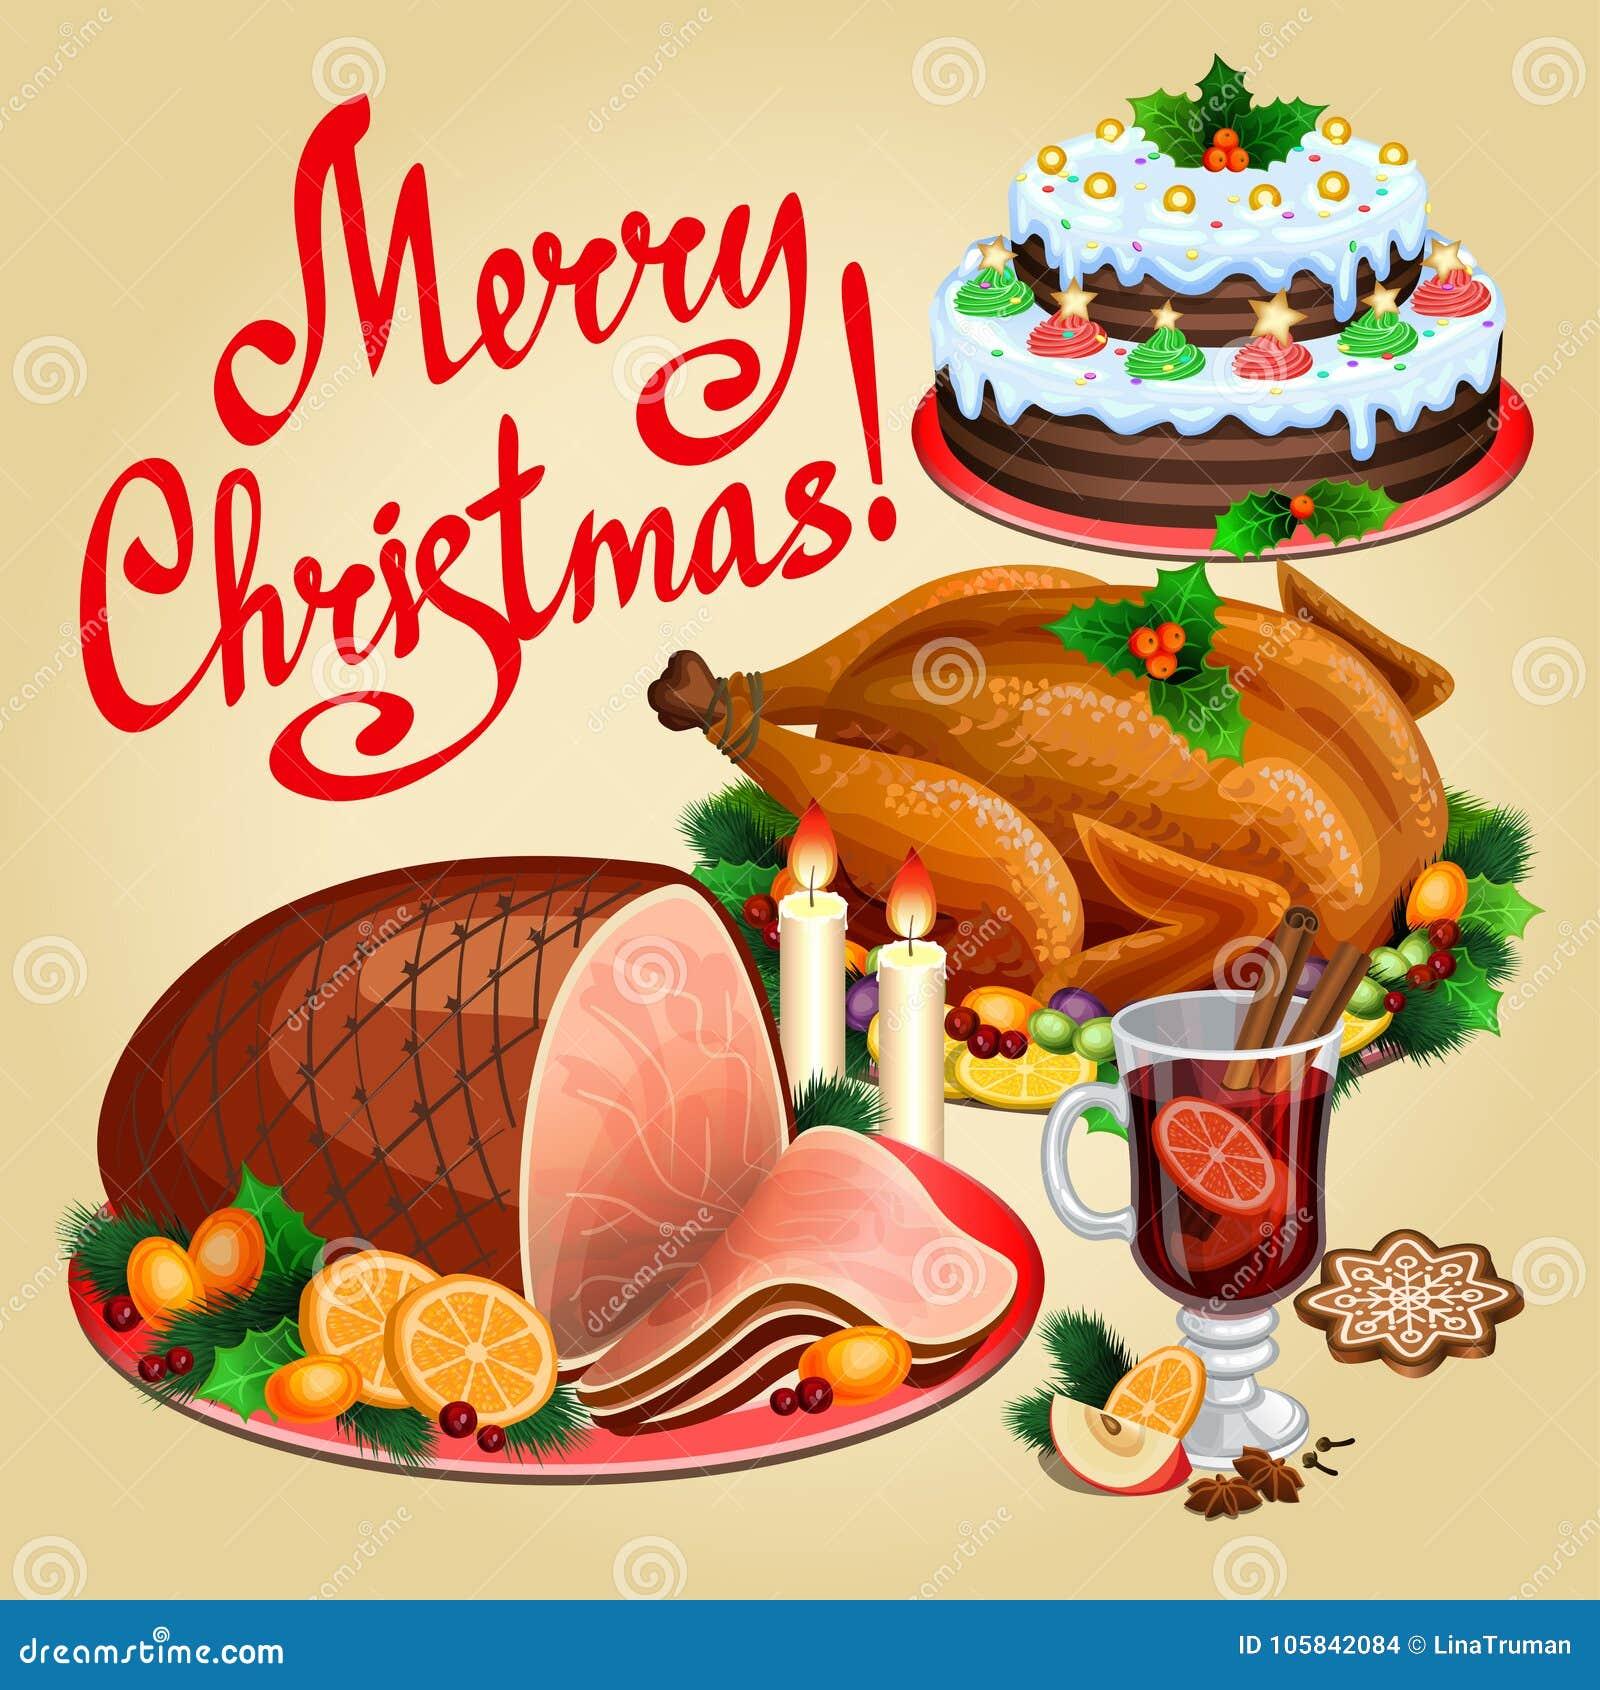 Amerikanisches Weihnachtsessen.Weihnachtsessen Traditionelles Weihnachtslebensmittel Und